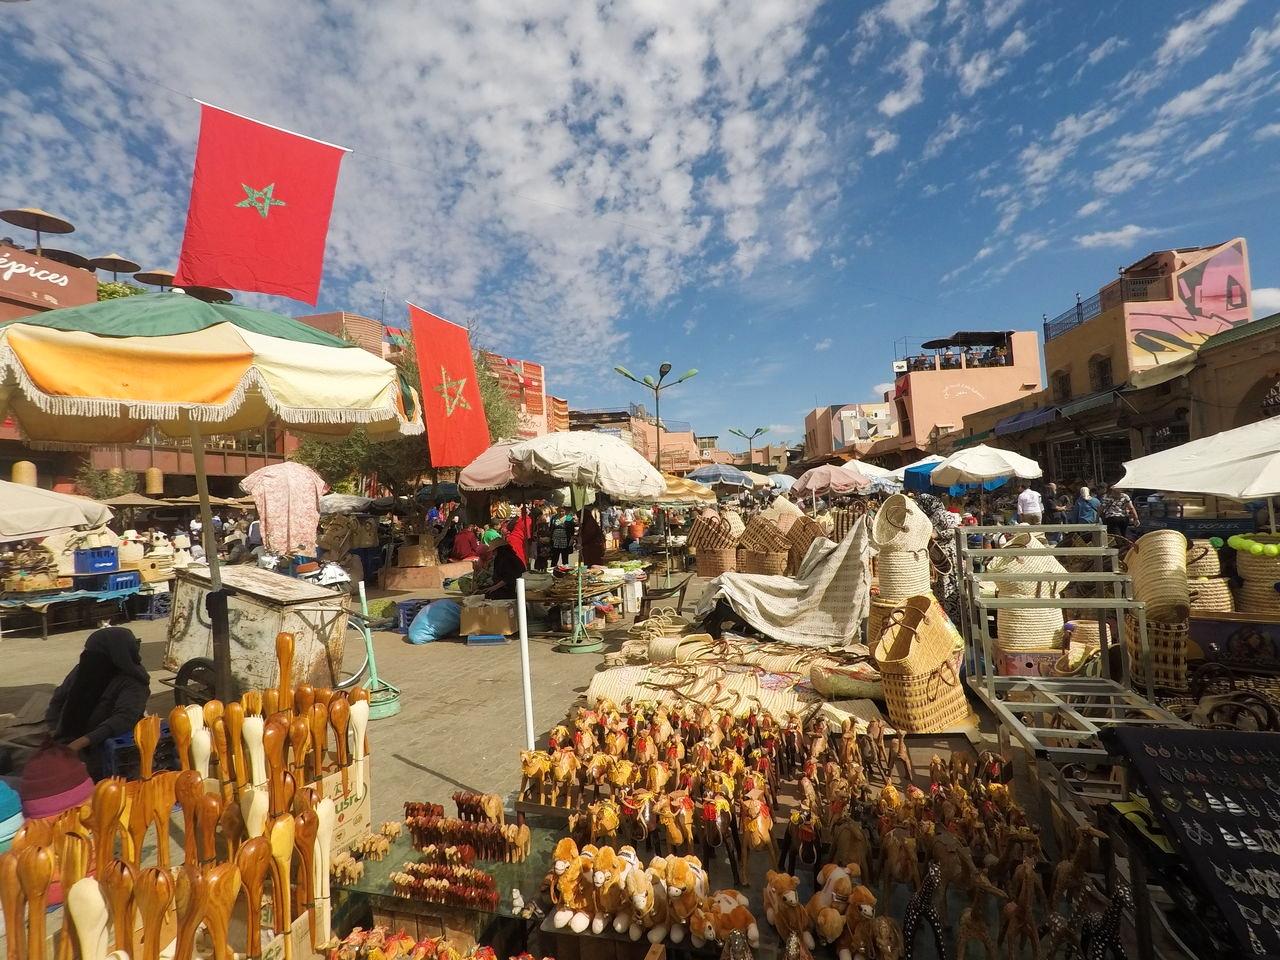 Si buscas un destino exótico donde viajar en Semana Santa, Marruecos es una buena opción.